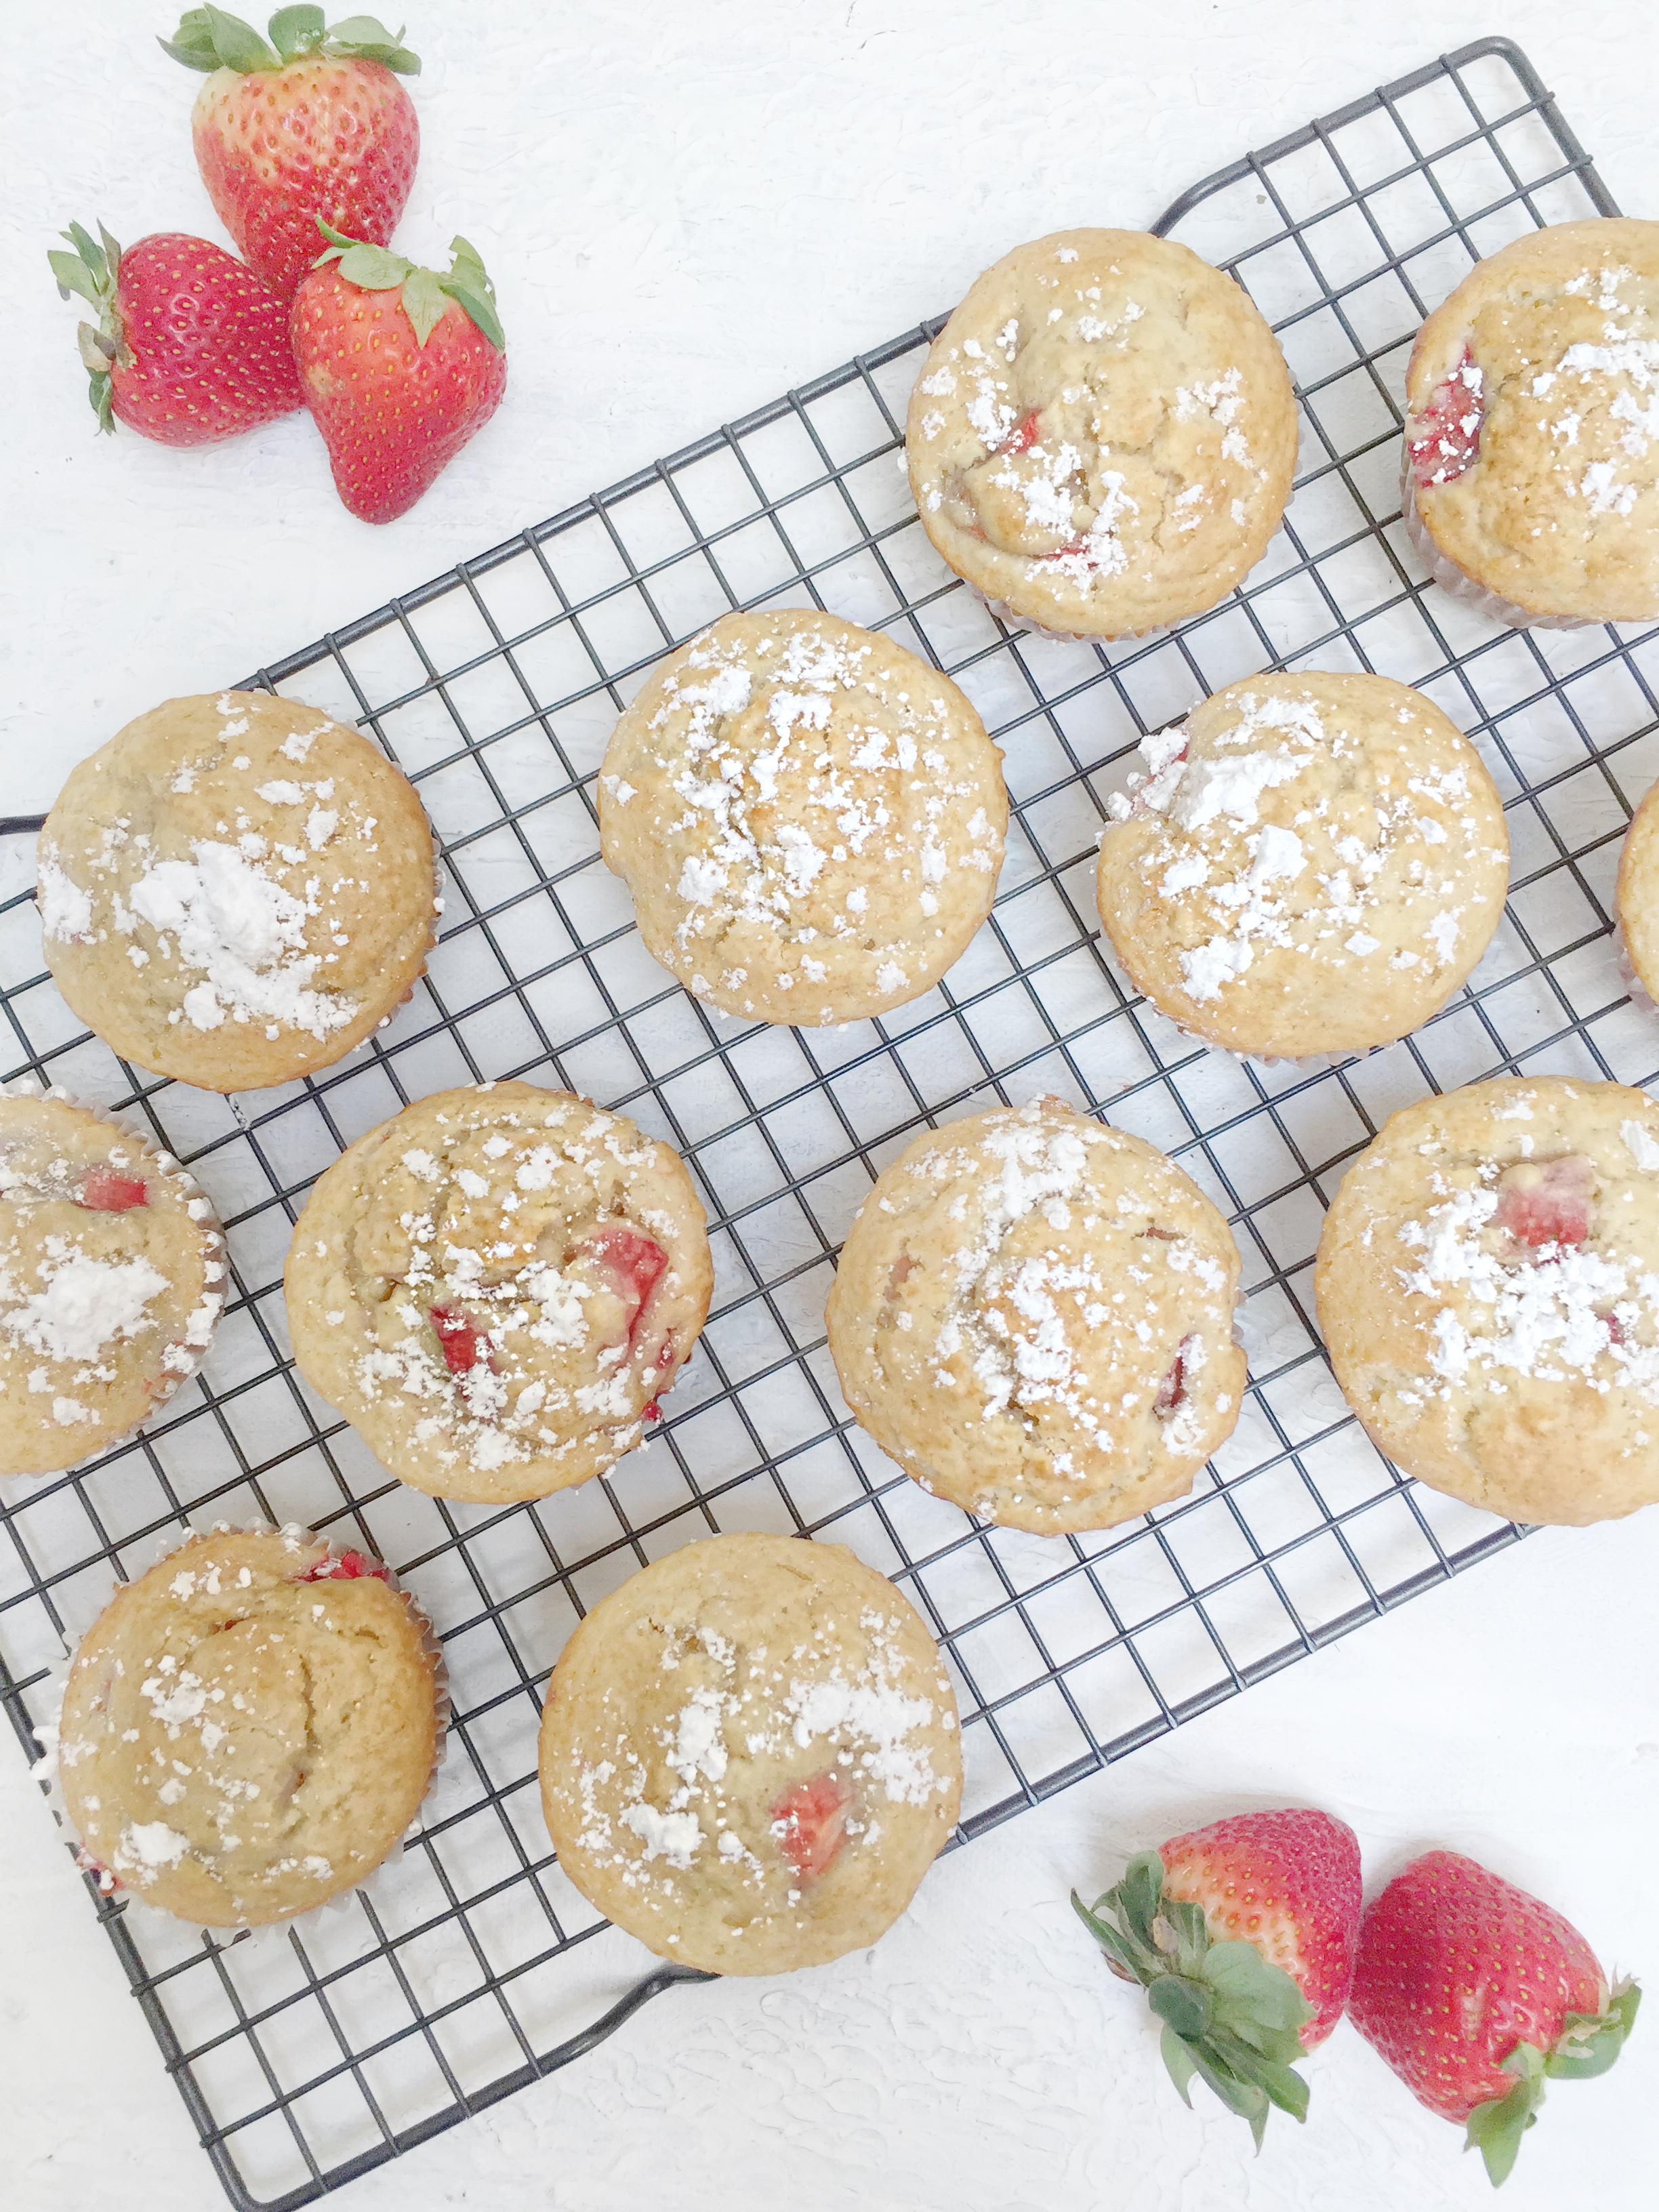 strawberrymuffins2.jpeg